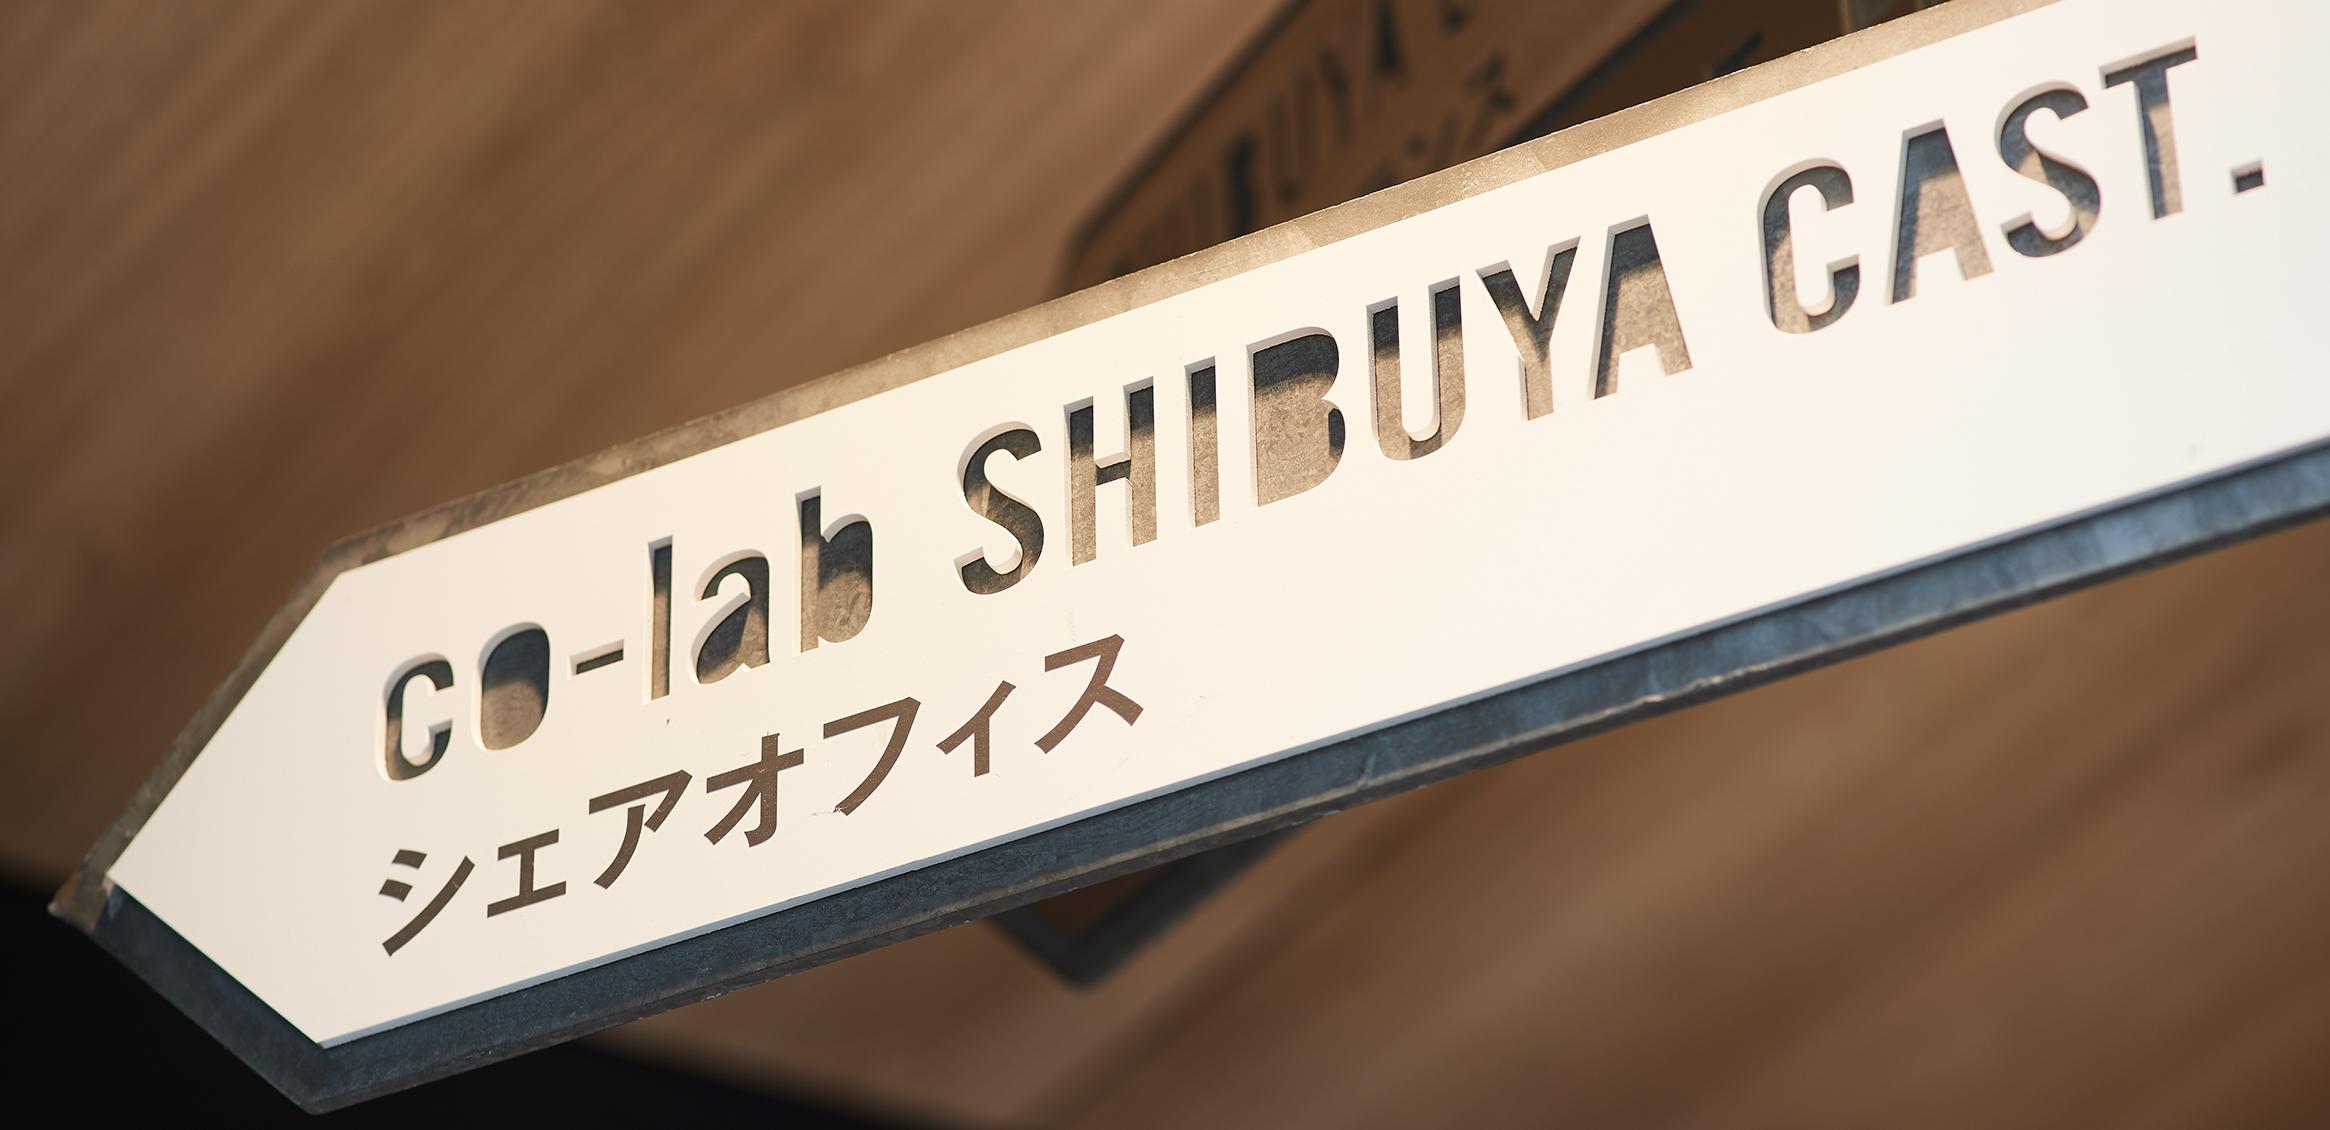 SHIBUYA CAST サイン計画7枚目